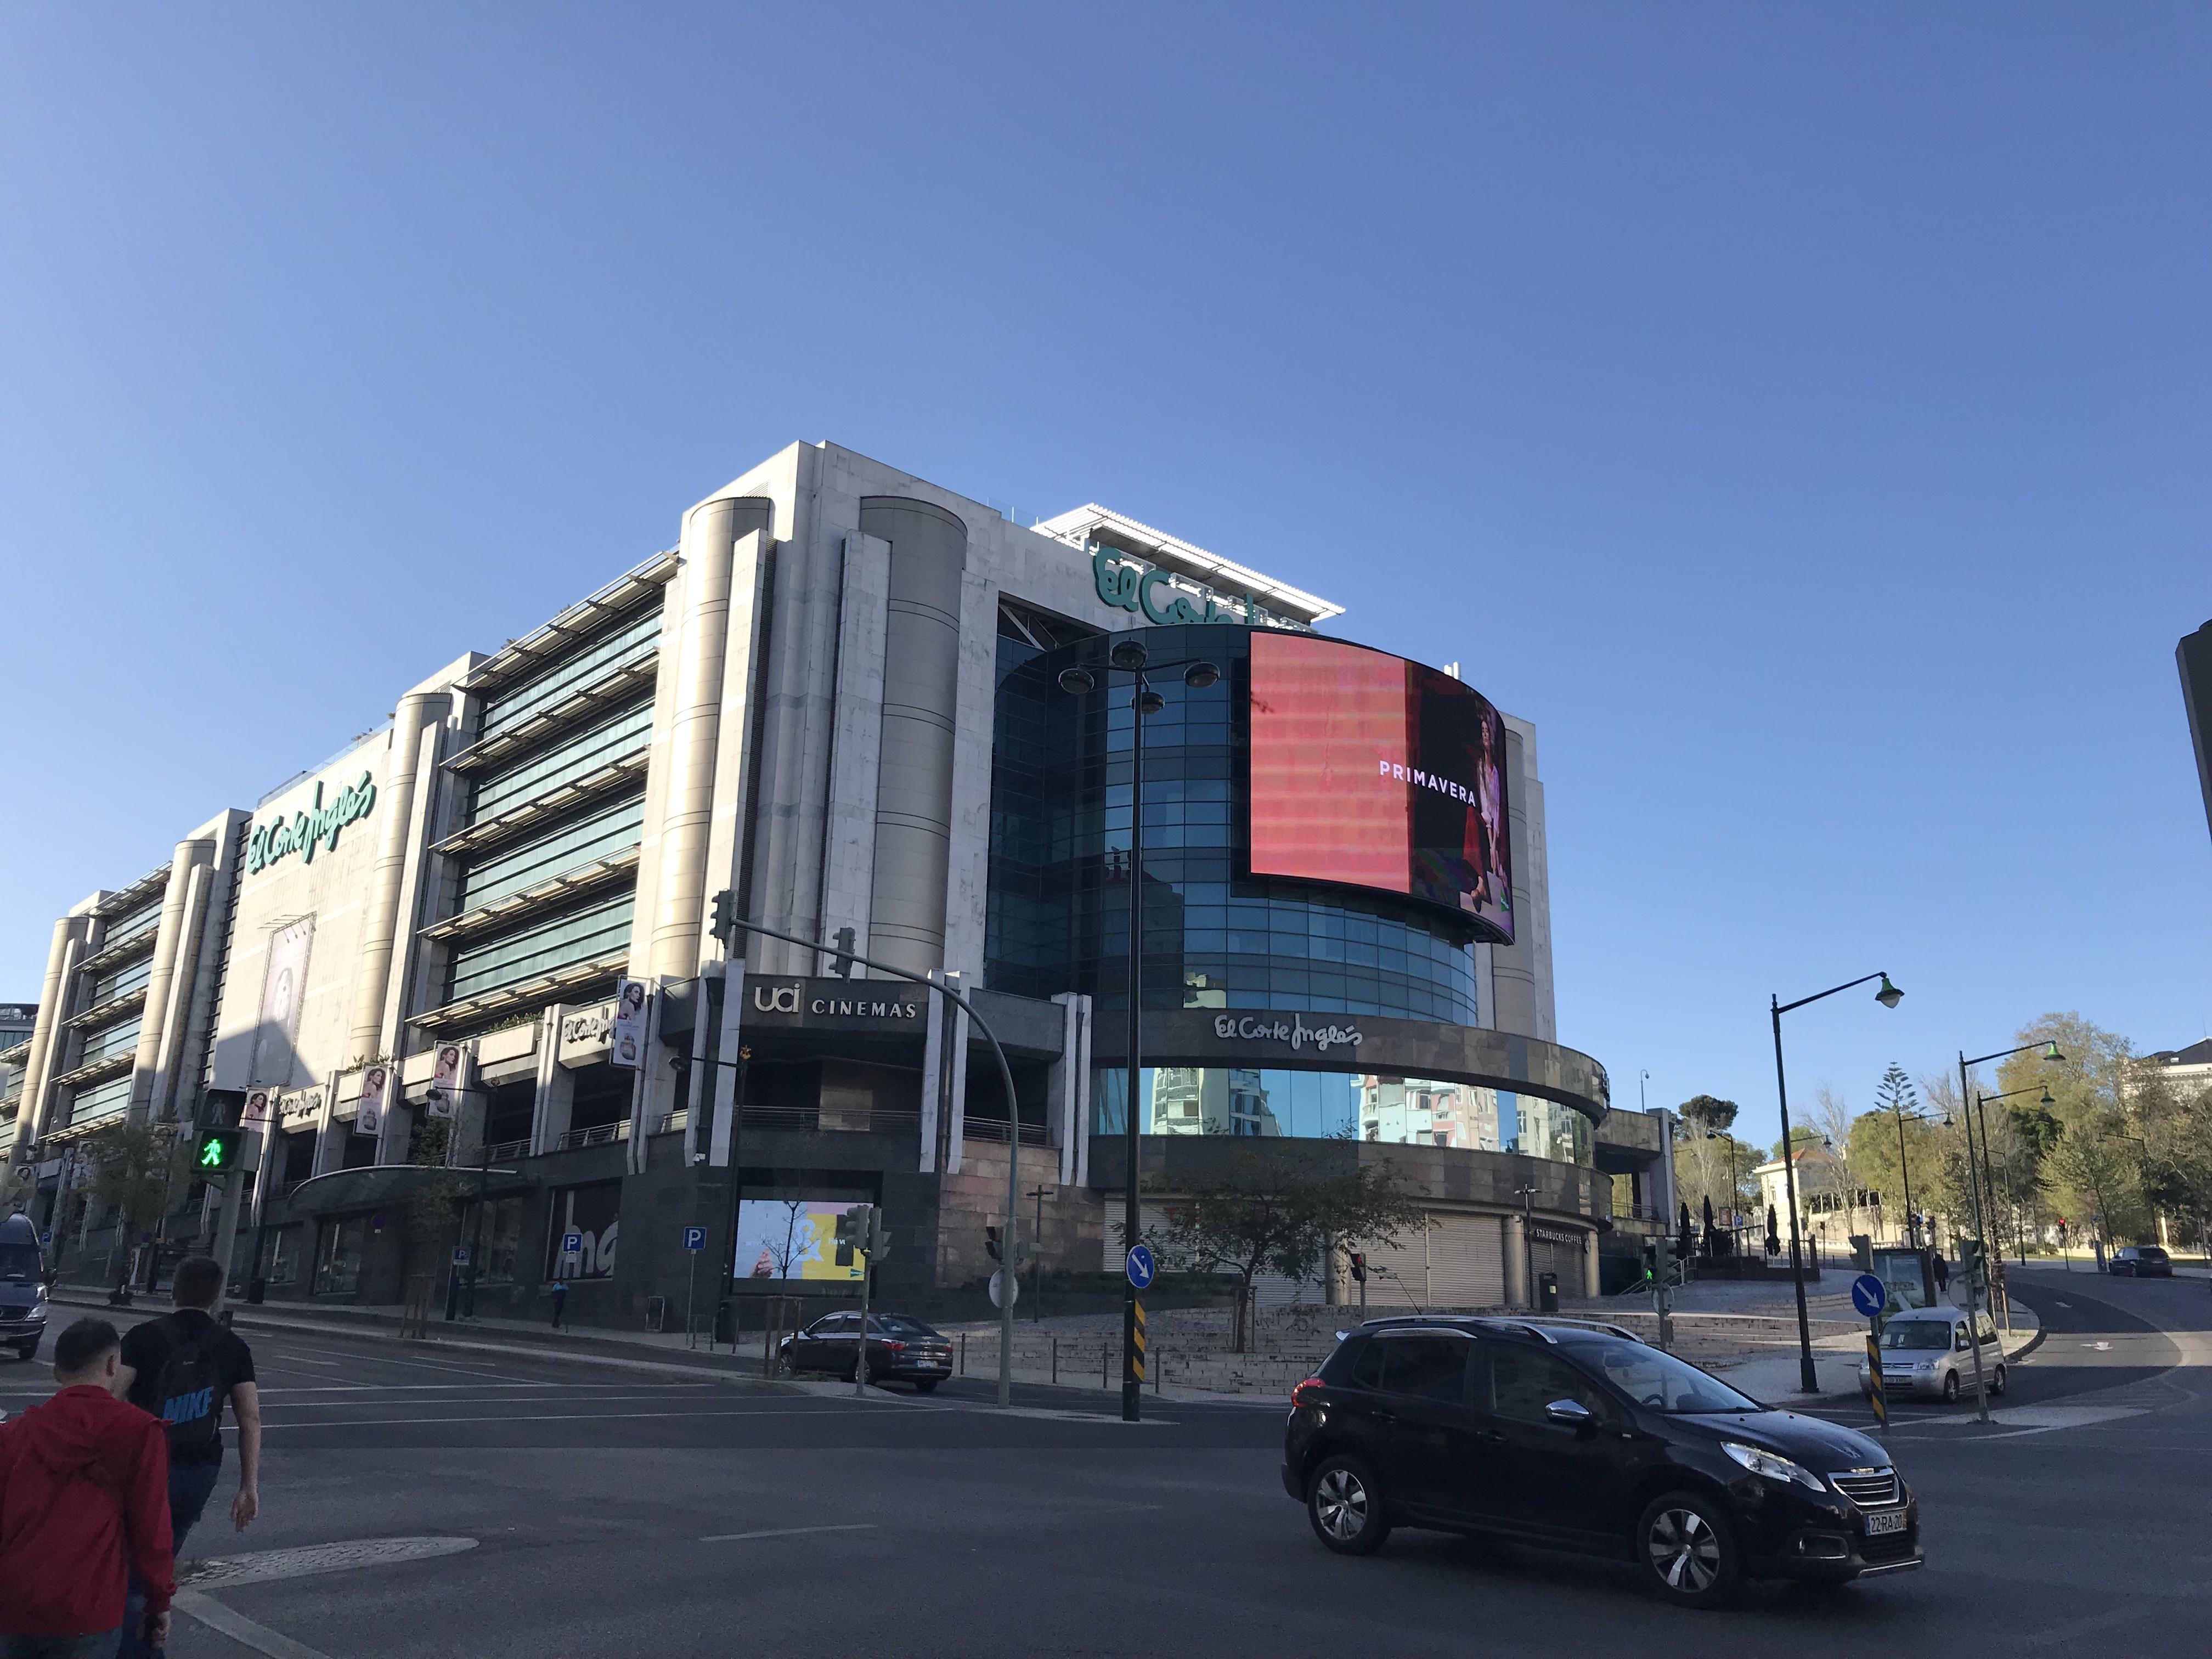 Лиссабонские зарисовки: город контрастов, охота на Роналду и развлекательное шоу на стадионе - изображение 26